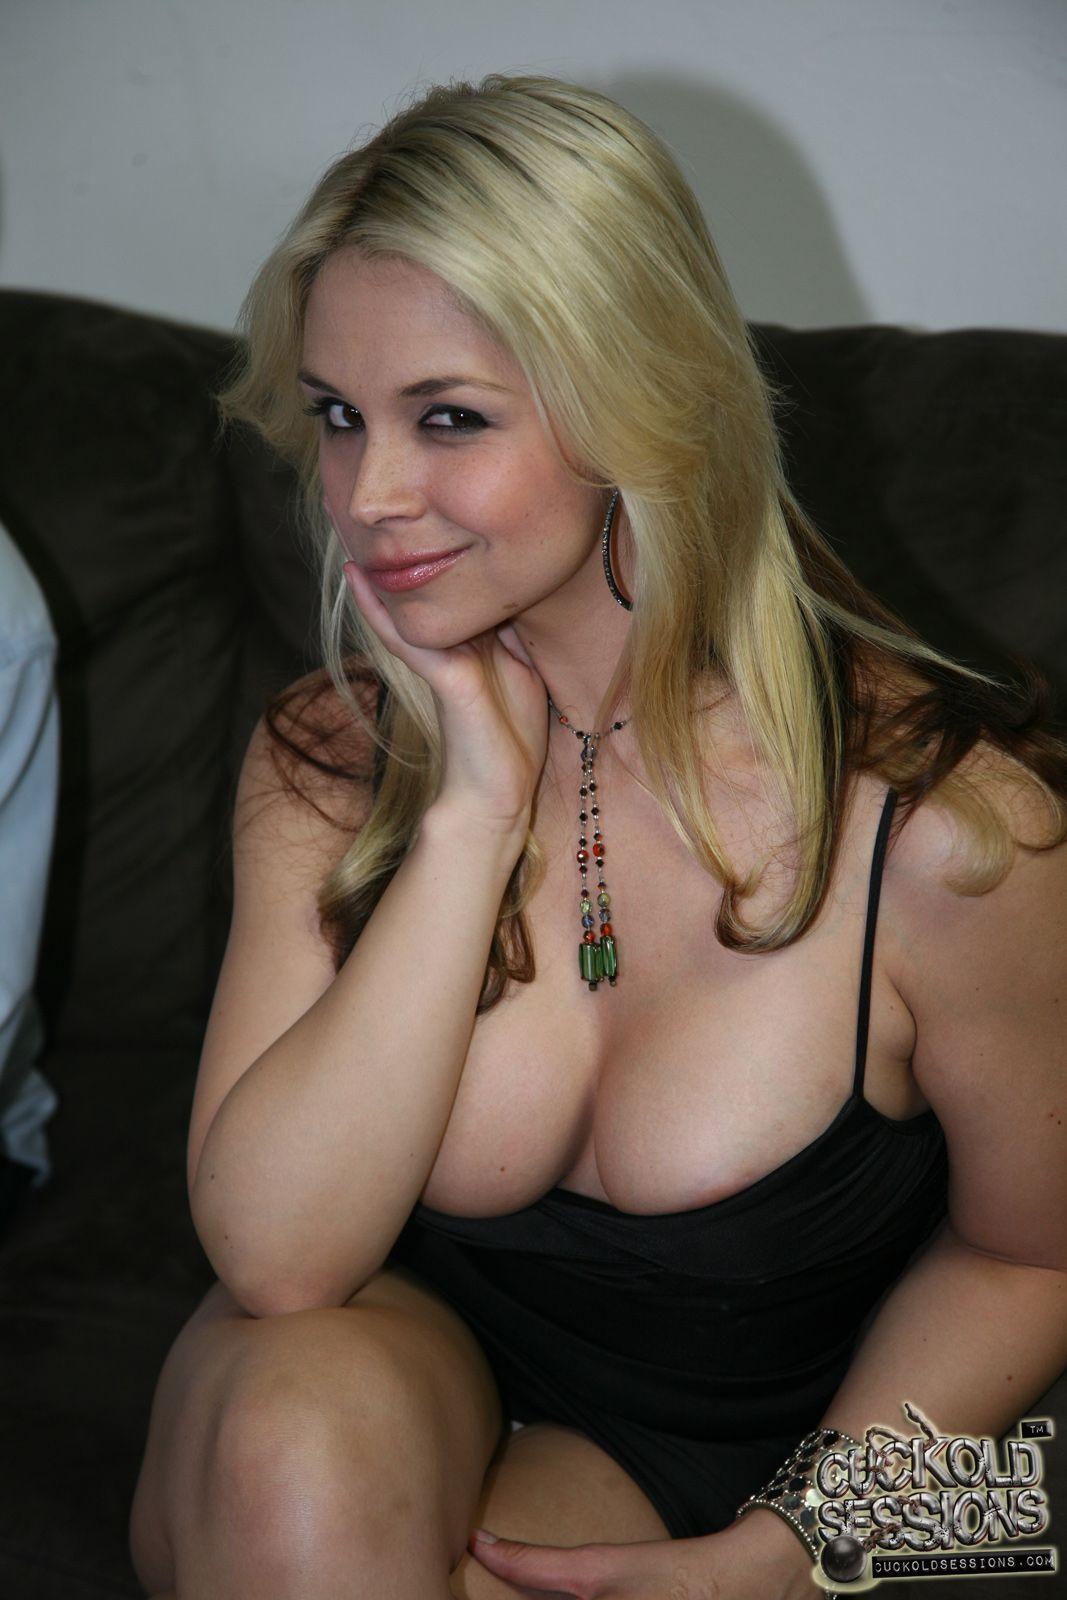 Porno anal blowjob anal sex